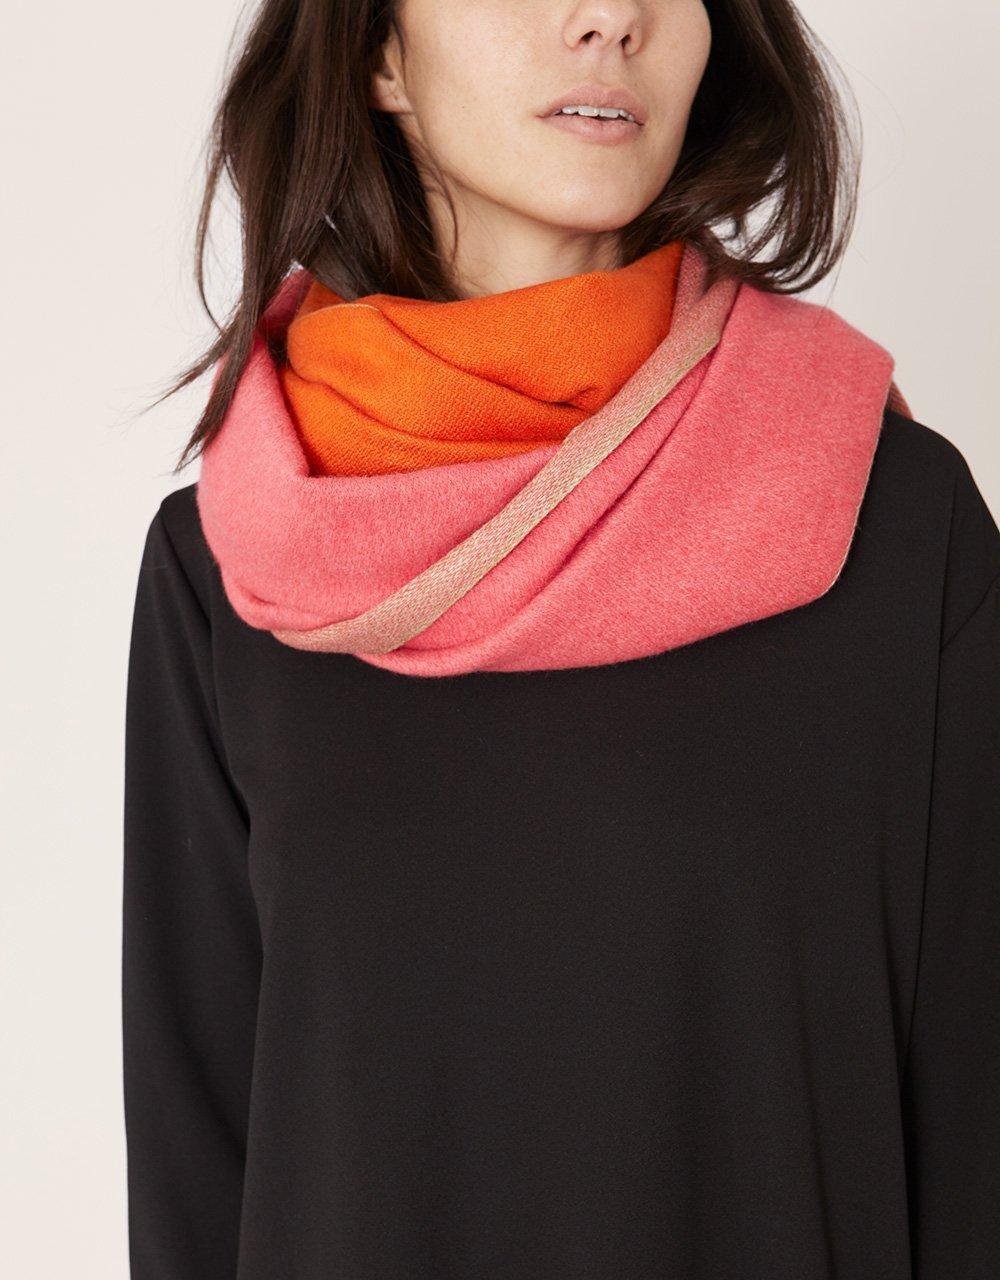 foulard02a